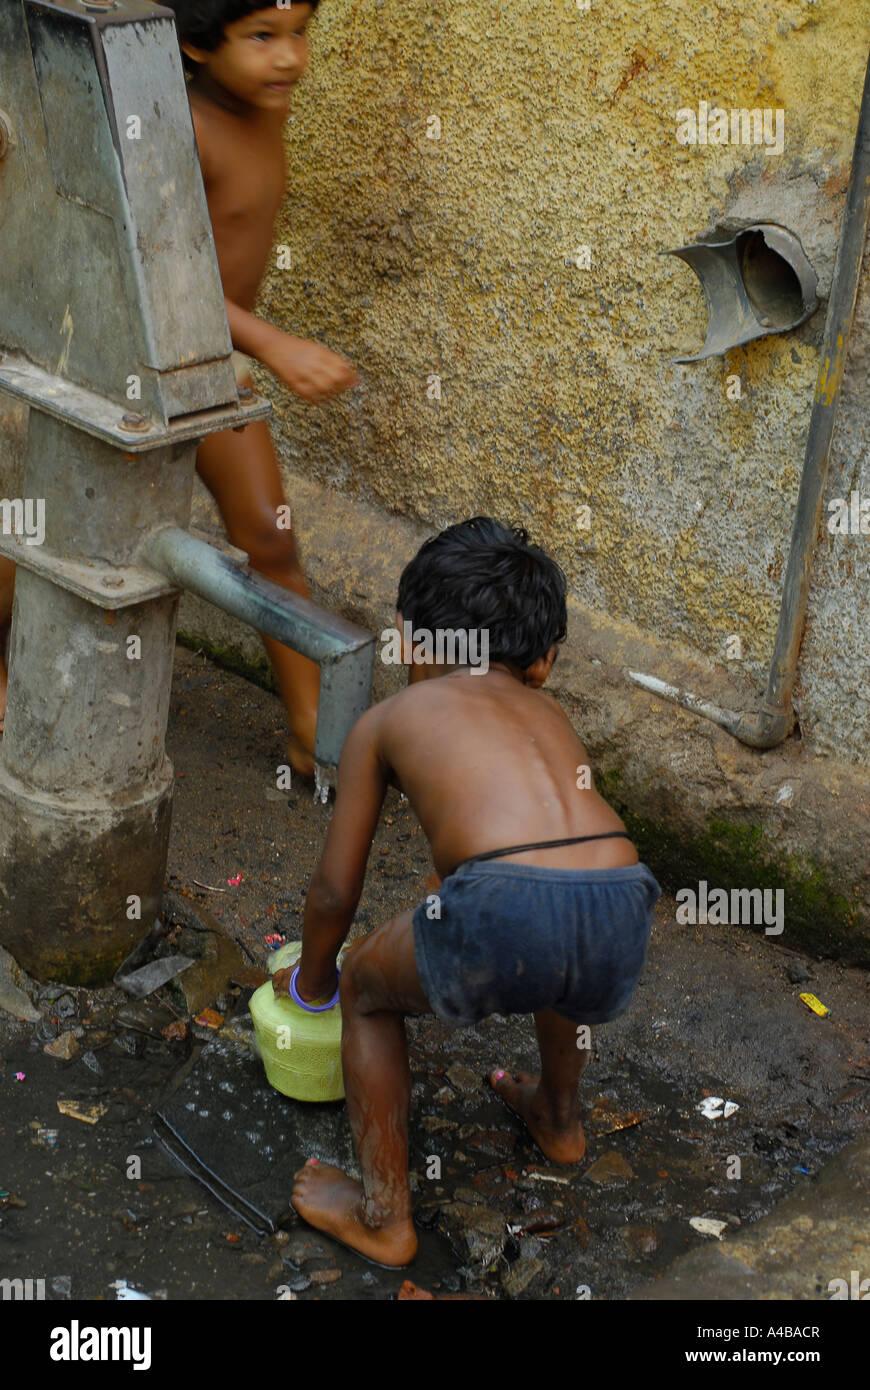 Foto di giovani ragazzi nudi